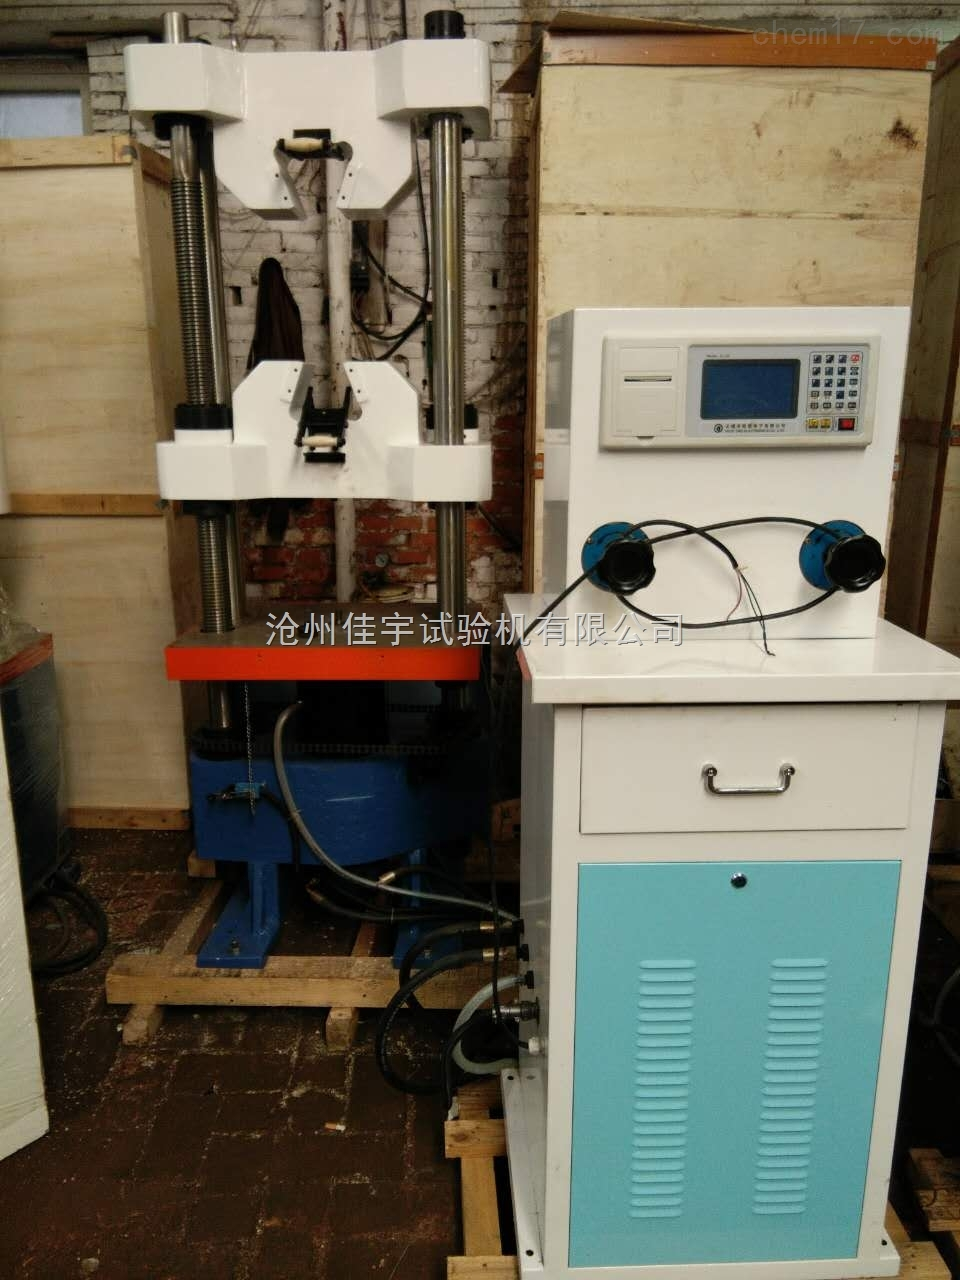 山西螺栓检测设备万能试验机、拉力试验机